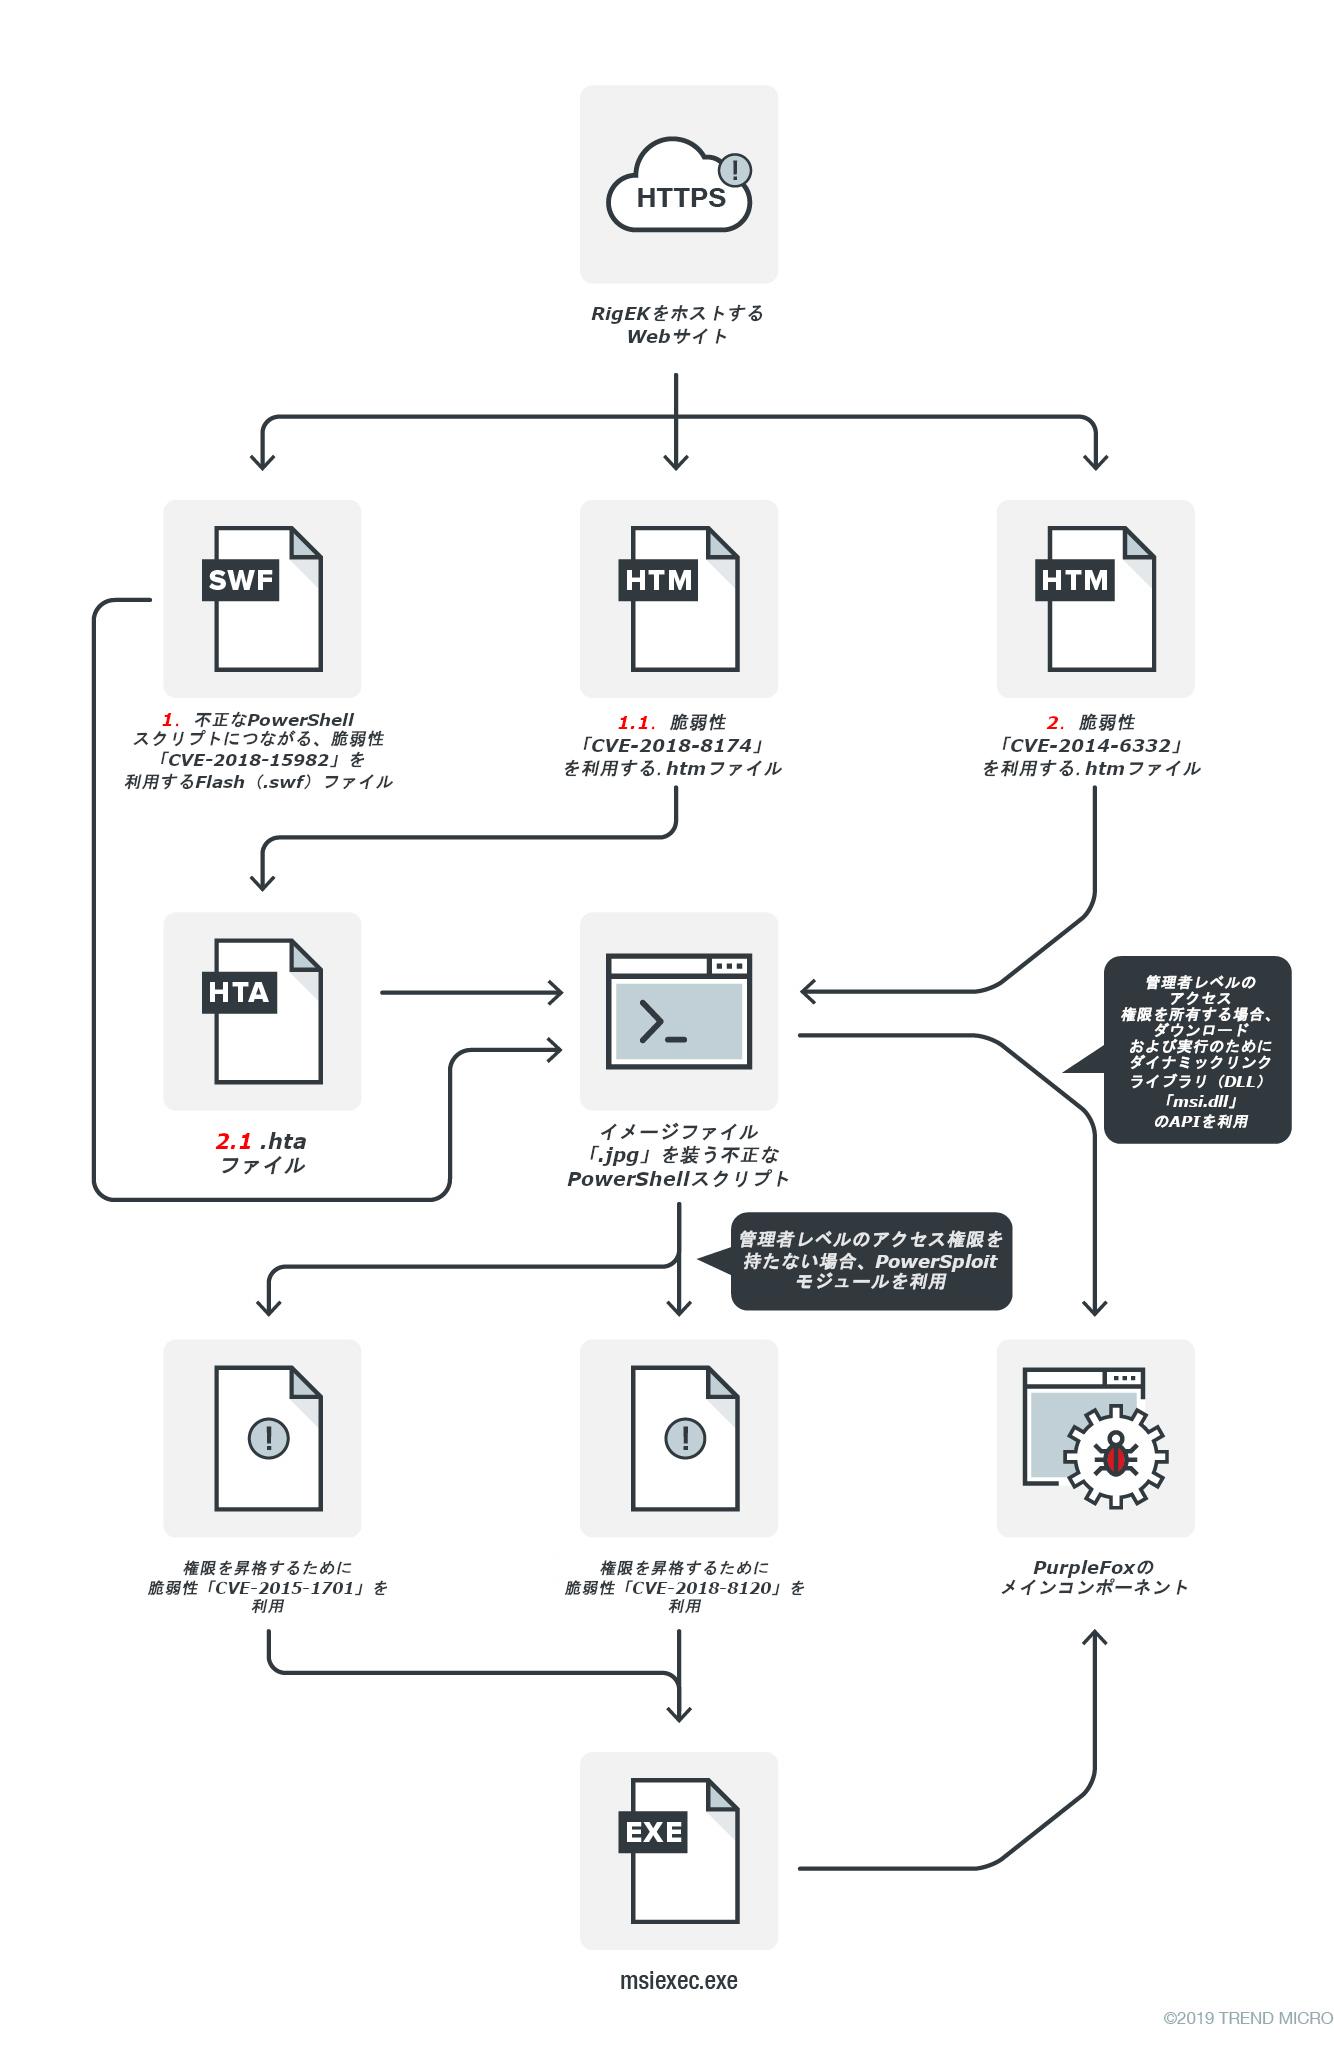 図1:PowerShellを悪用するダウンローダ「Purple Fox」の感染経路